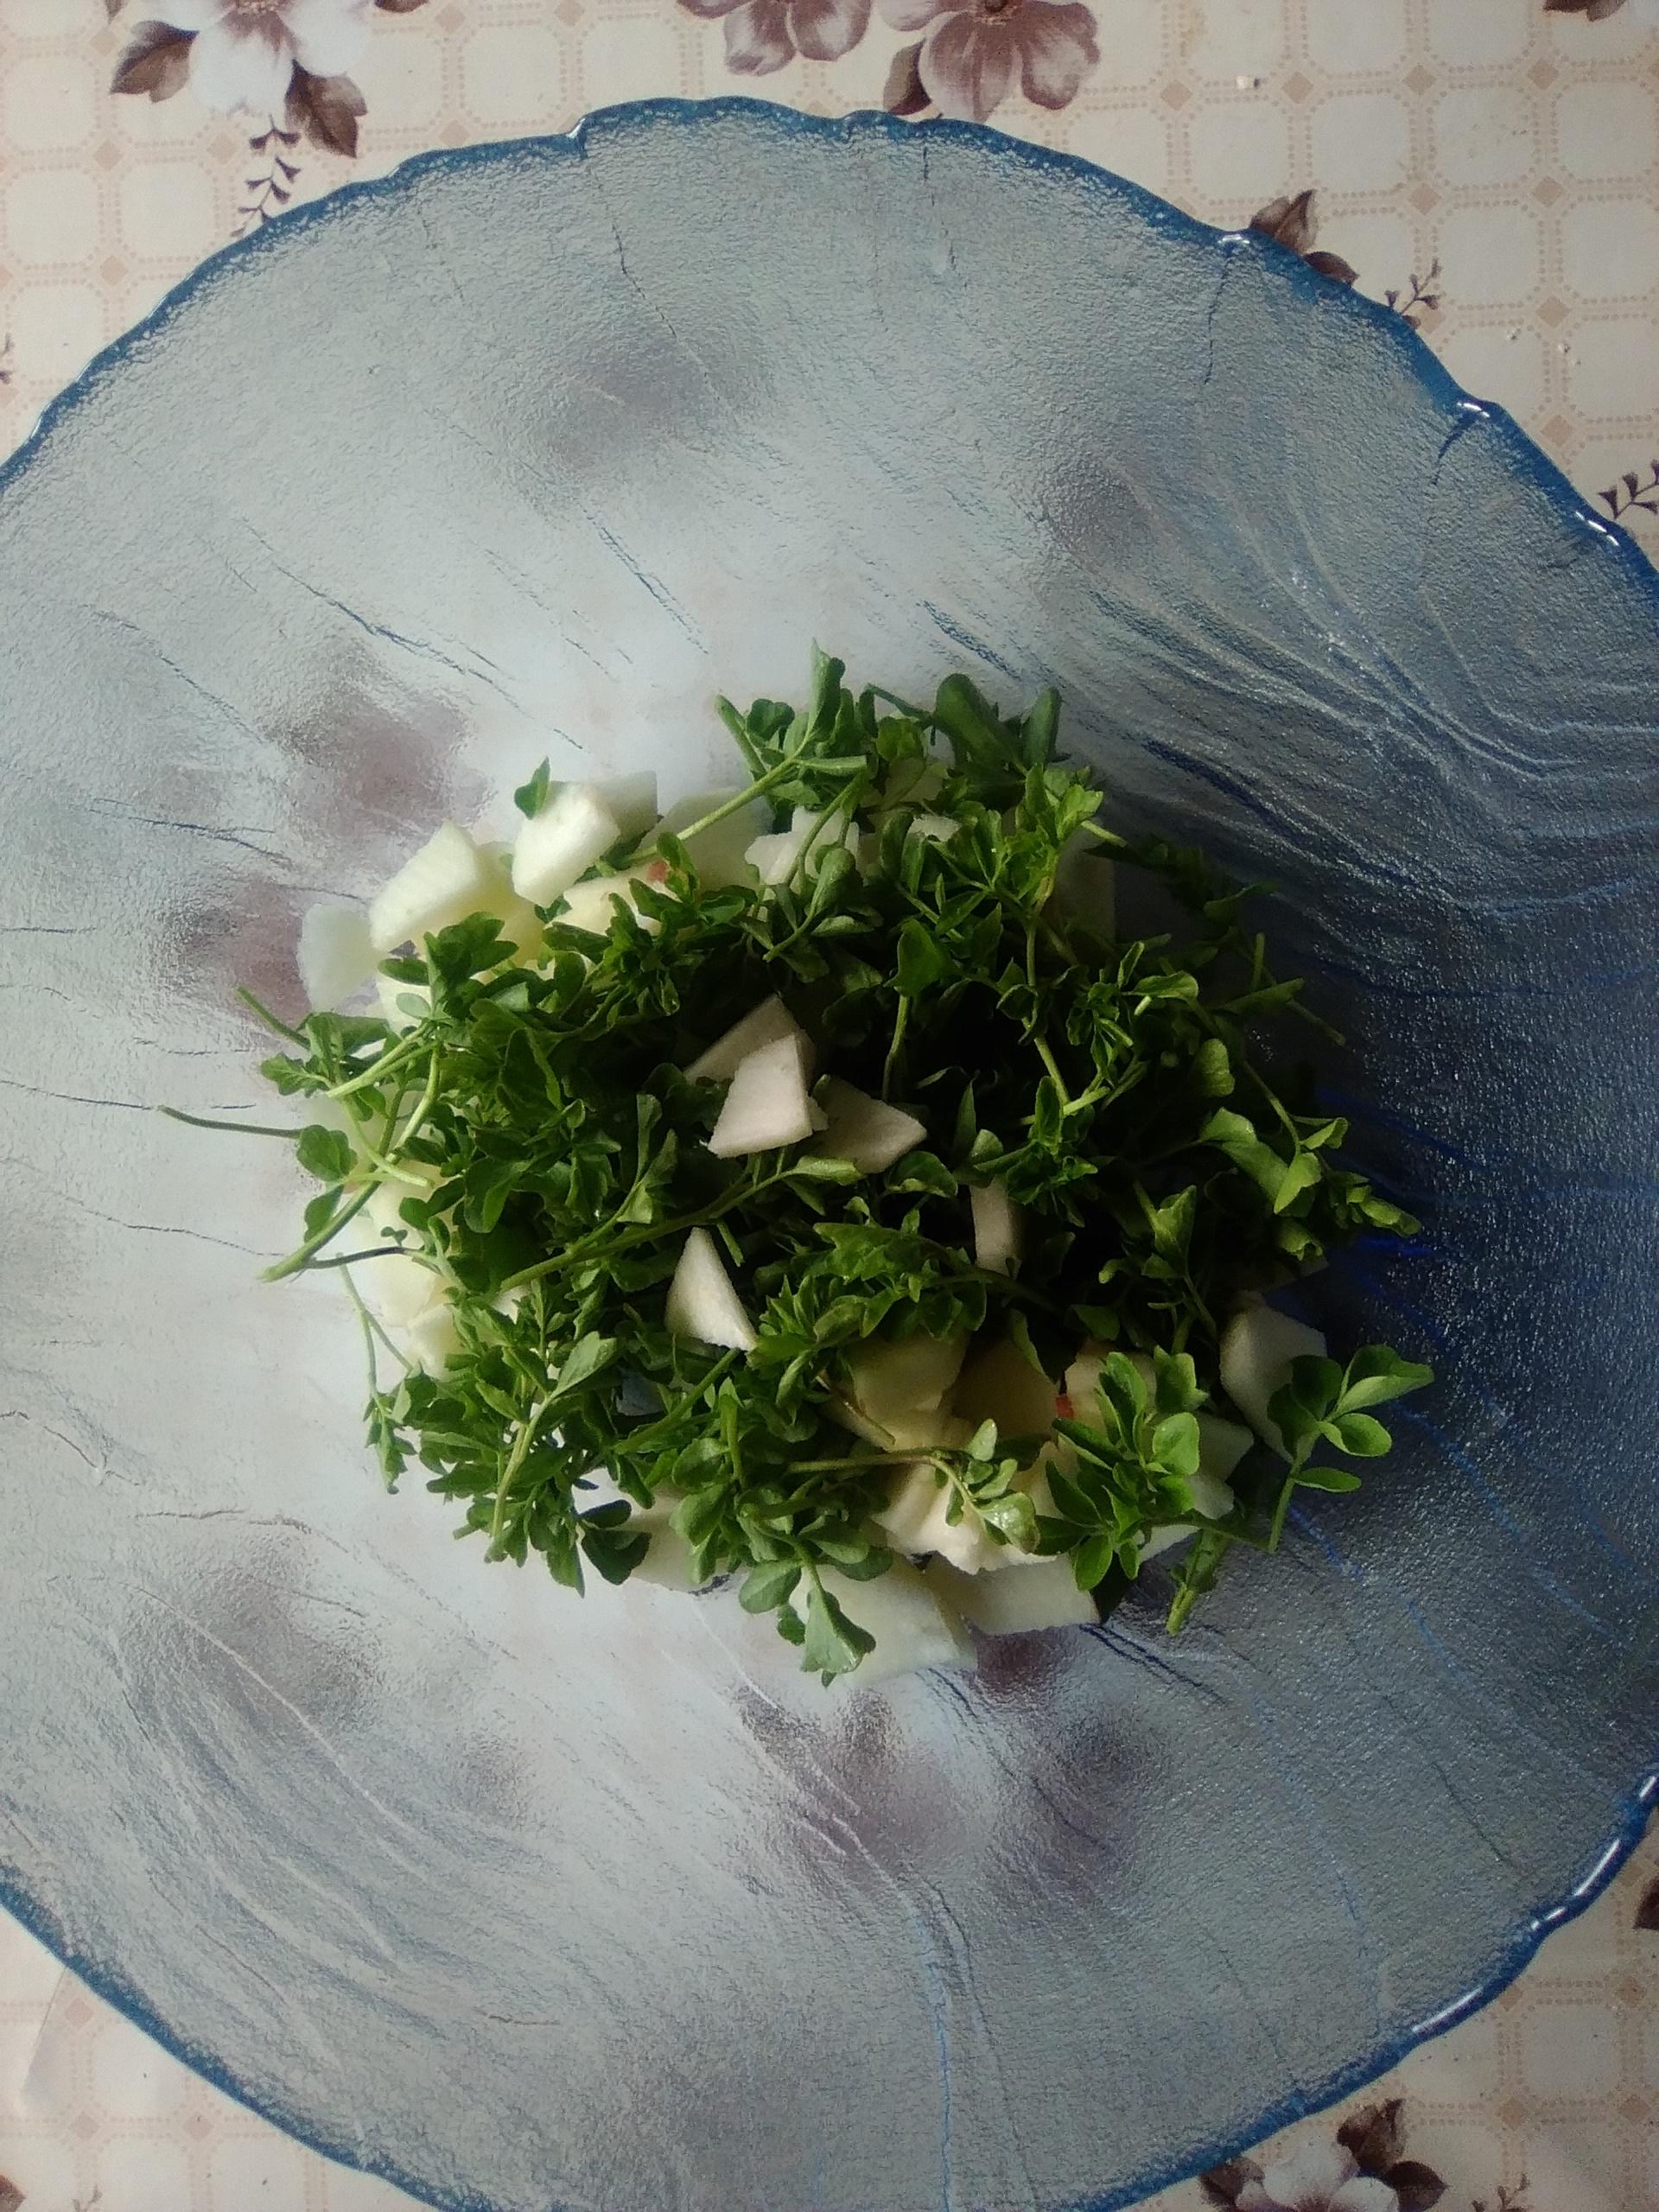 Der Kräuterkraft-Wochenendtipp: Wildkräutersalat mit Brunnenkresse